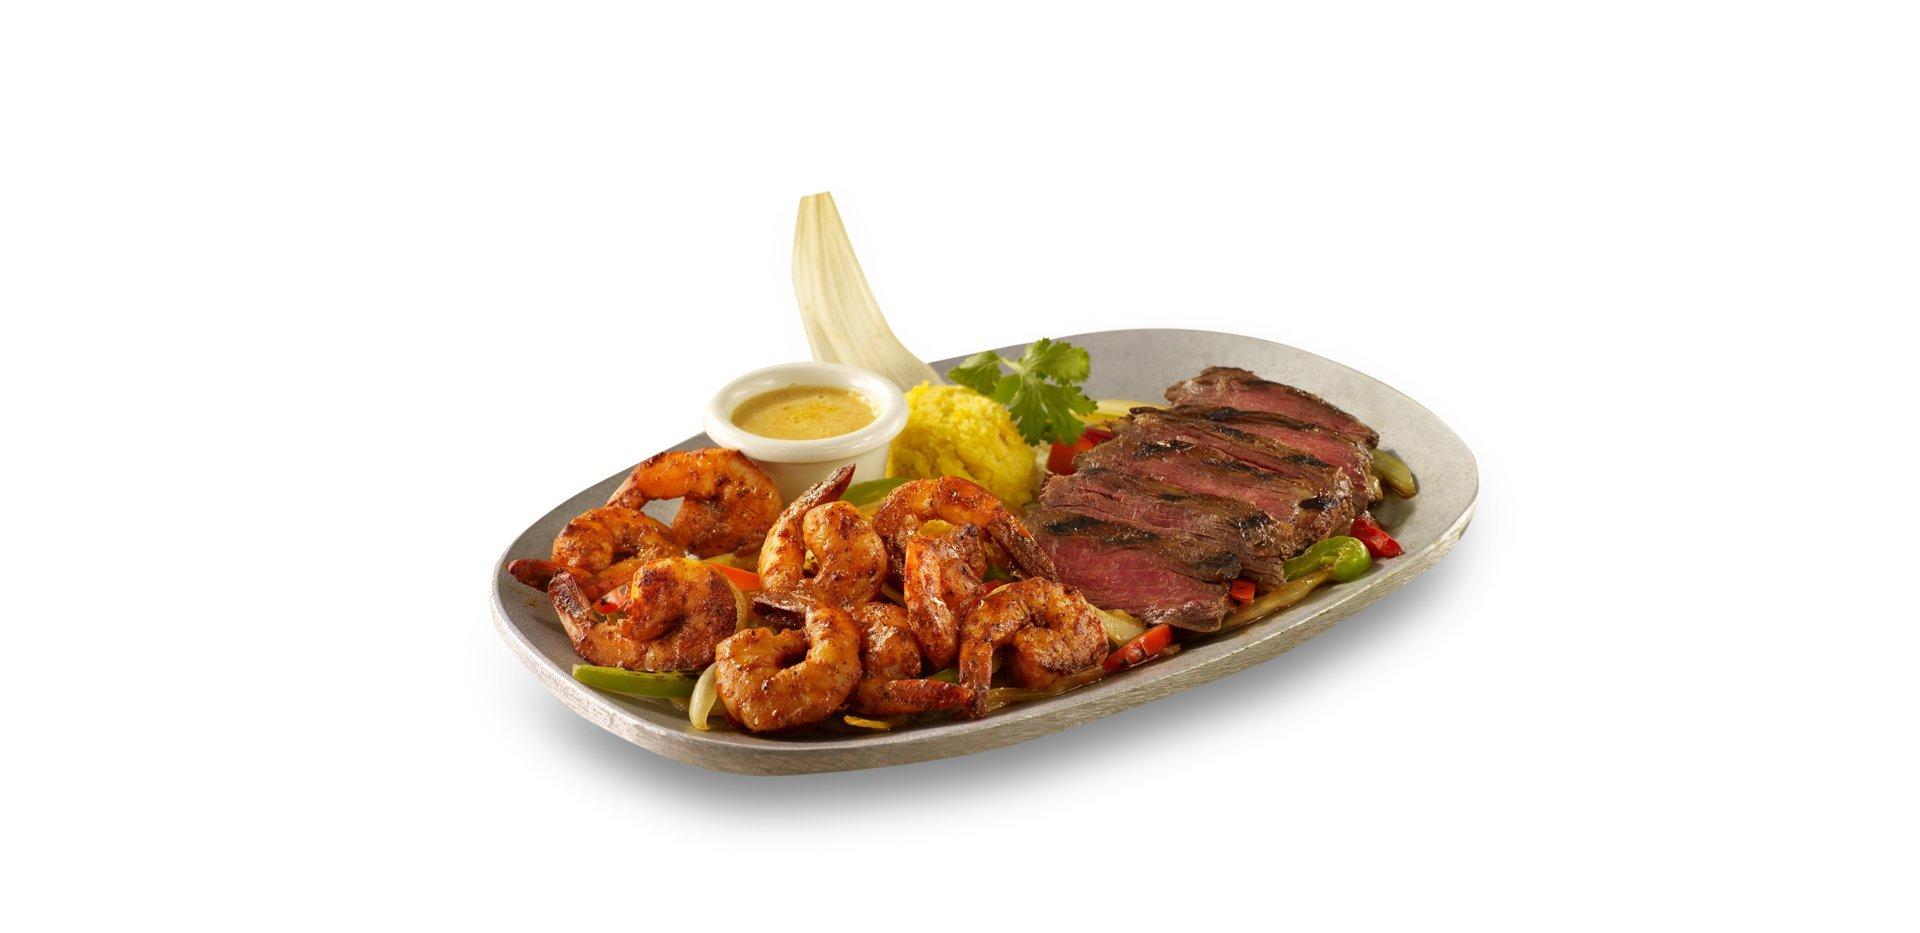 Shrimp steak